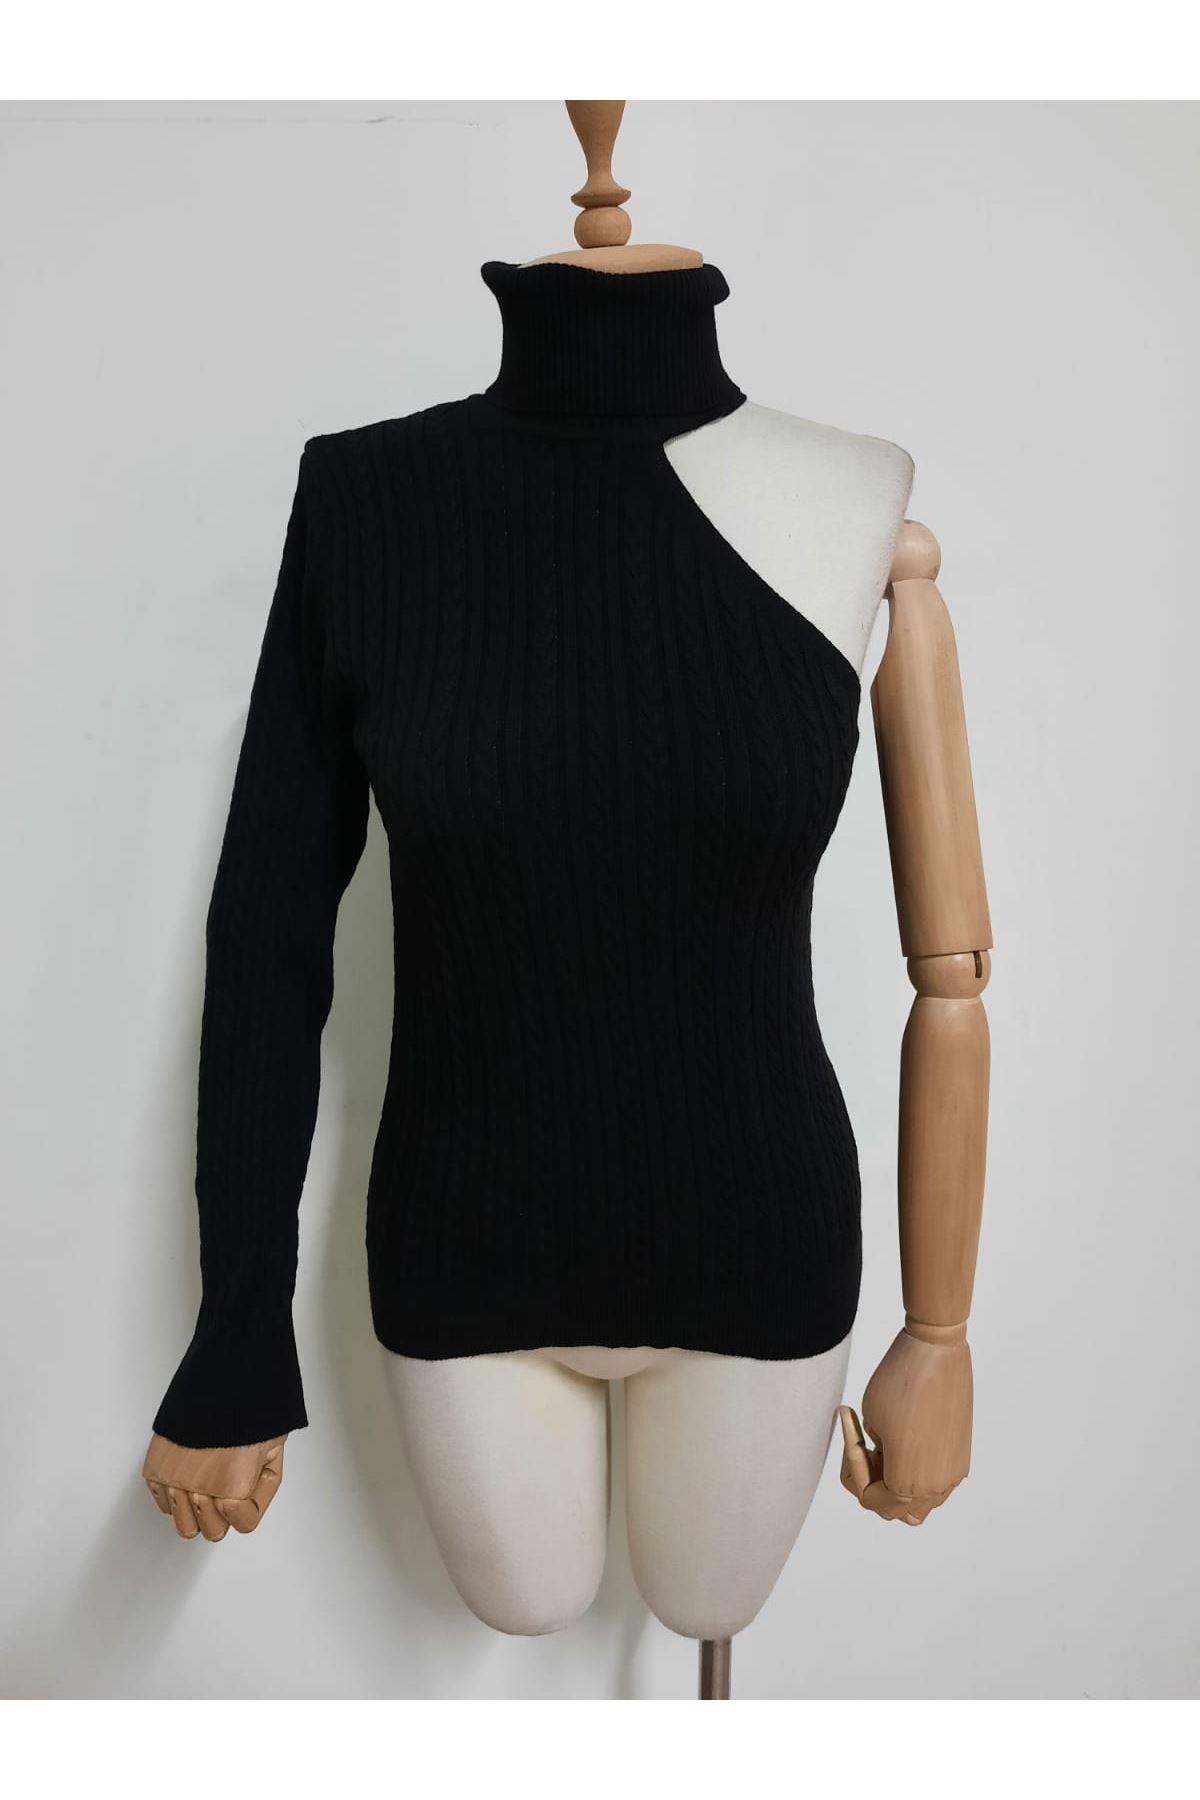 Tek Omuz Boğazlı Bluz - siyah